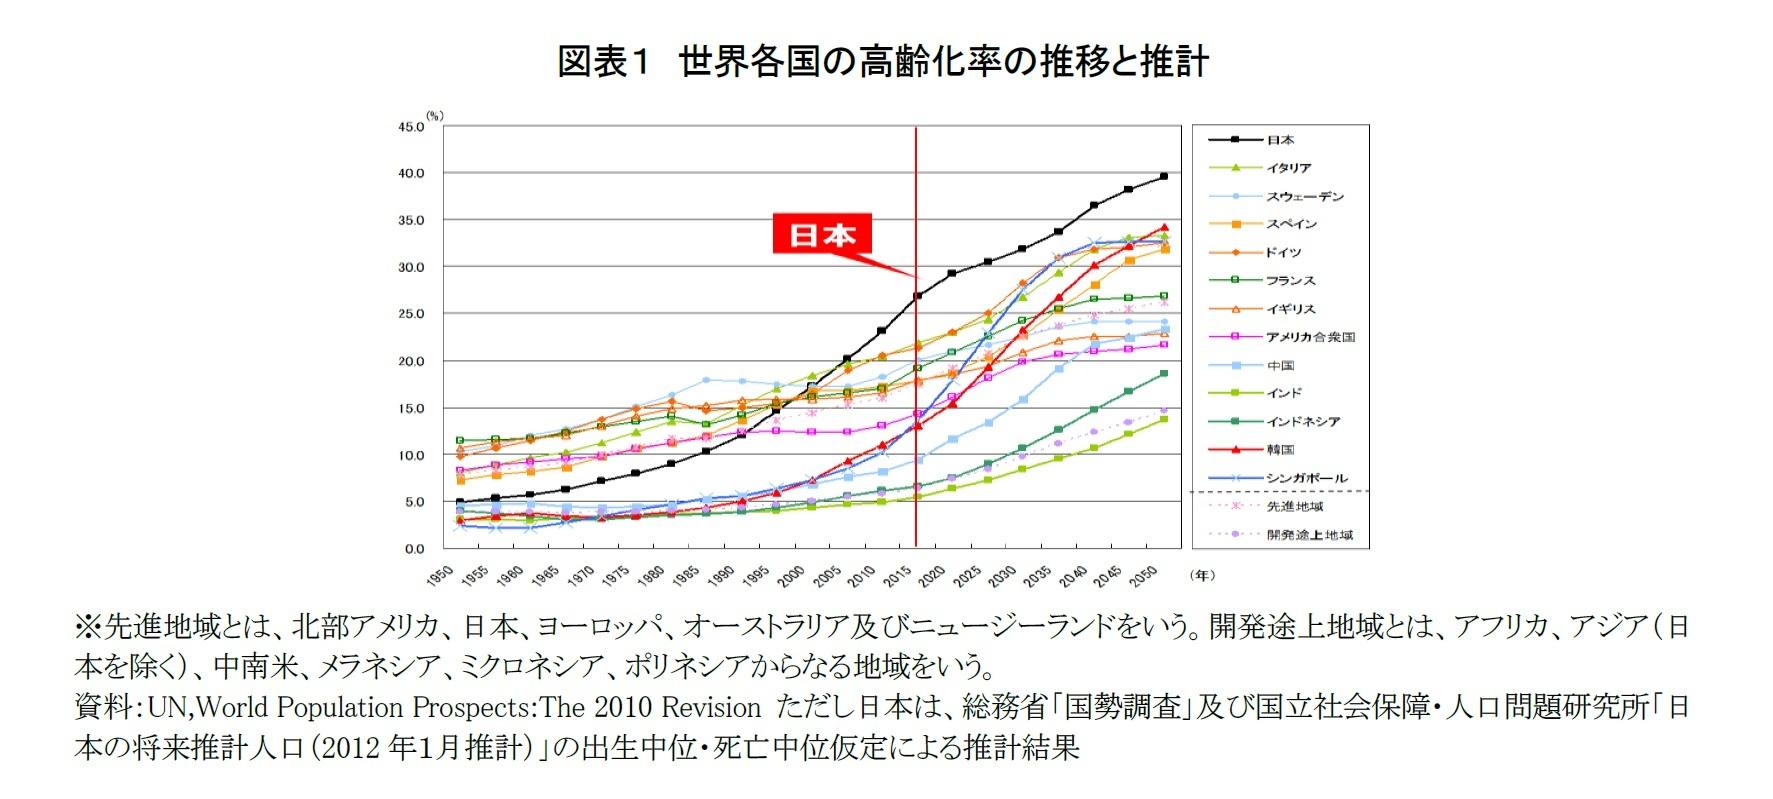 図表1 世界各国の高齢化率の推移と推計